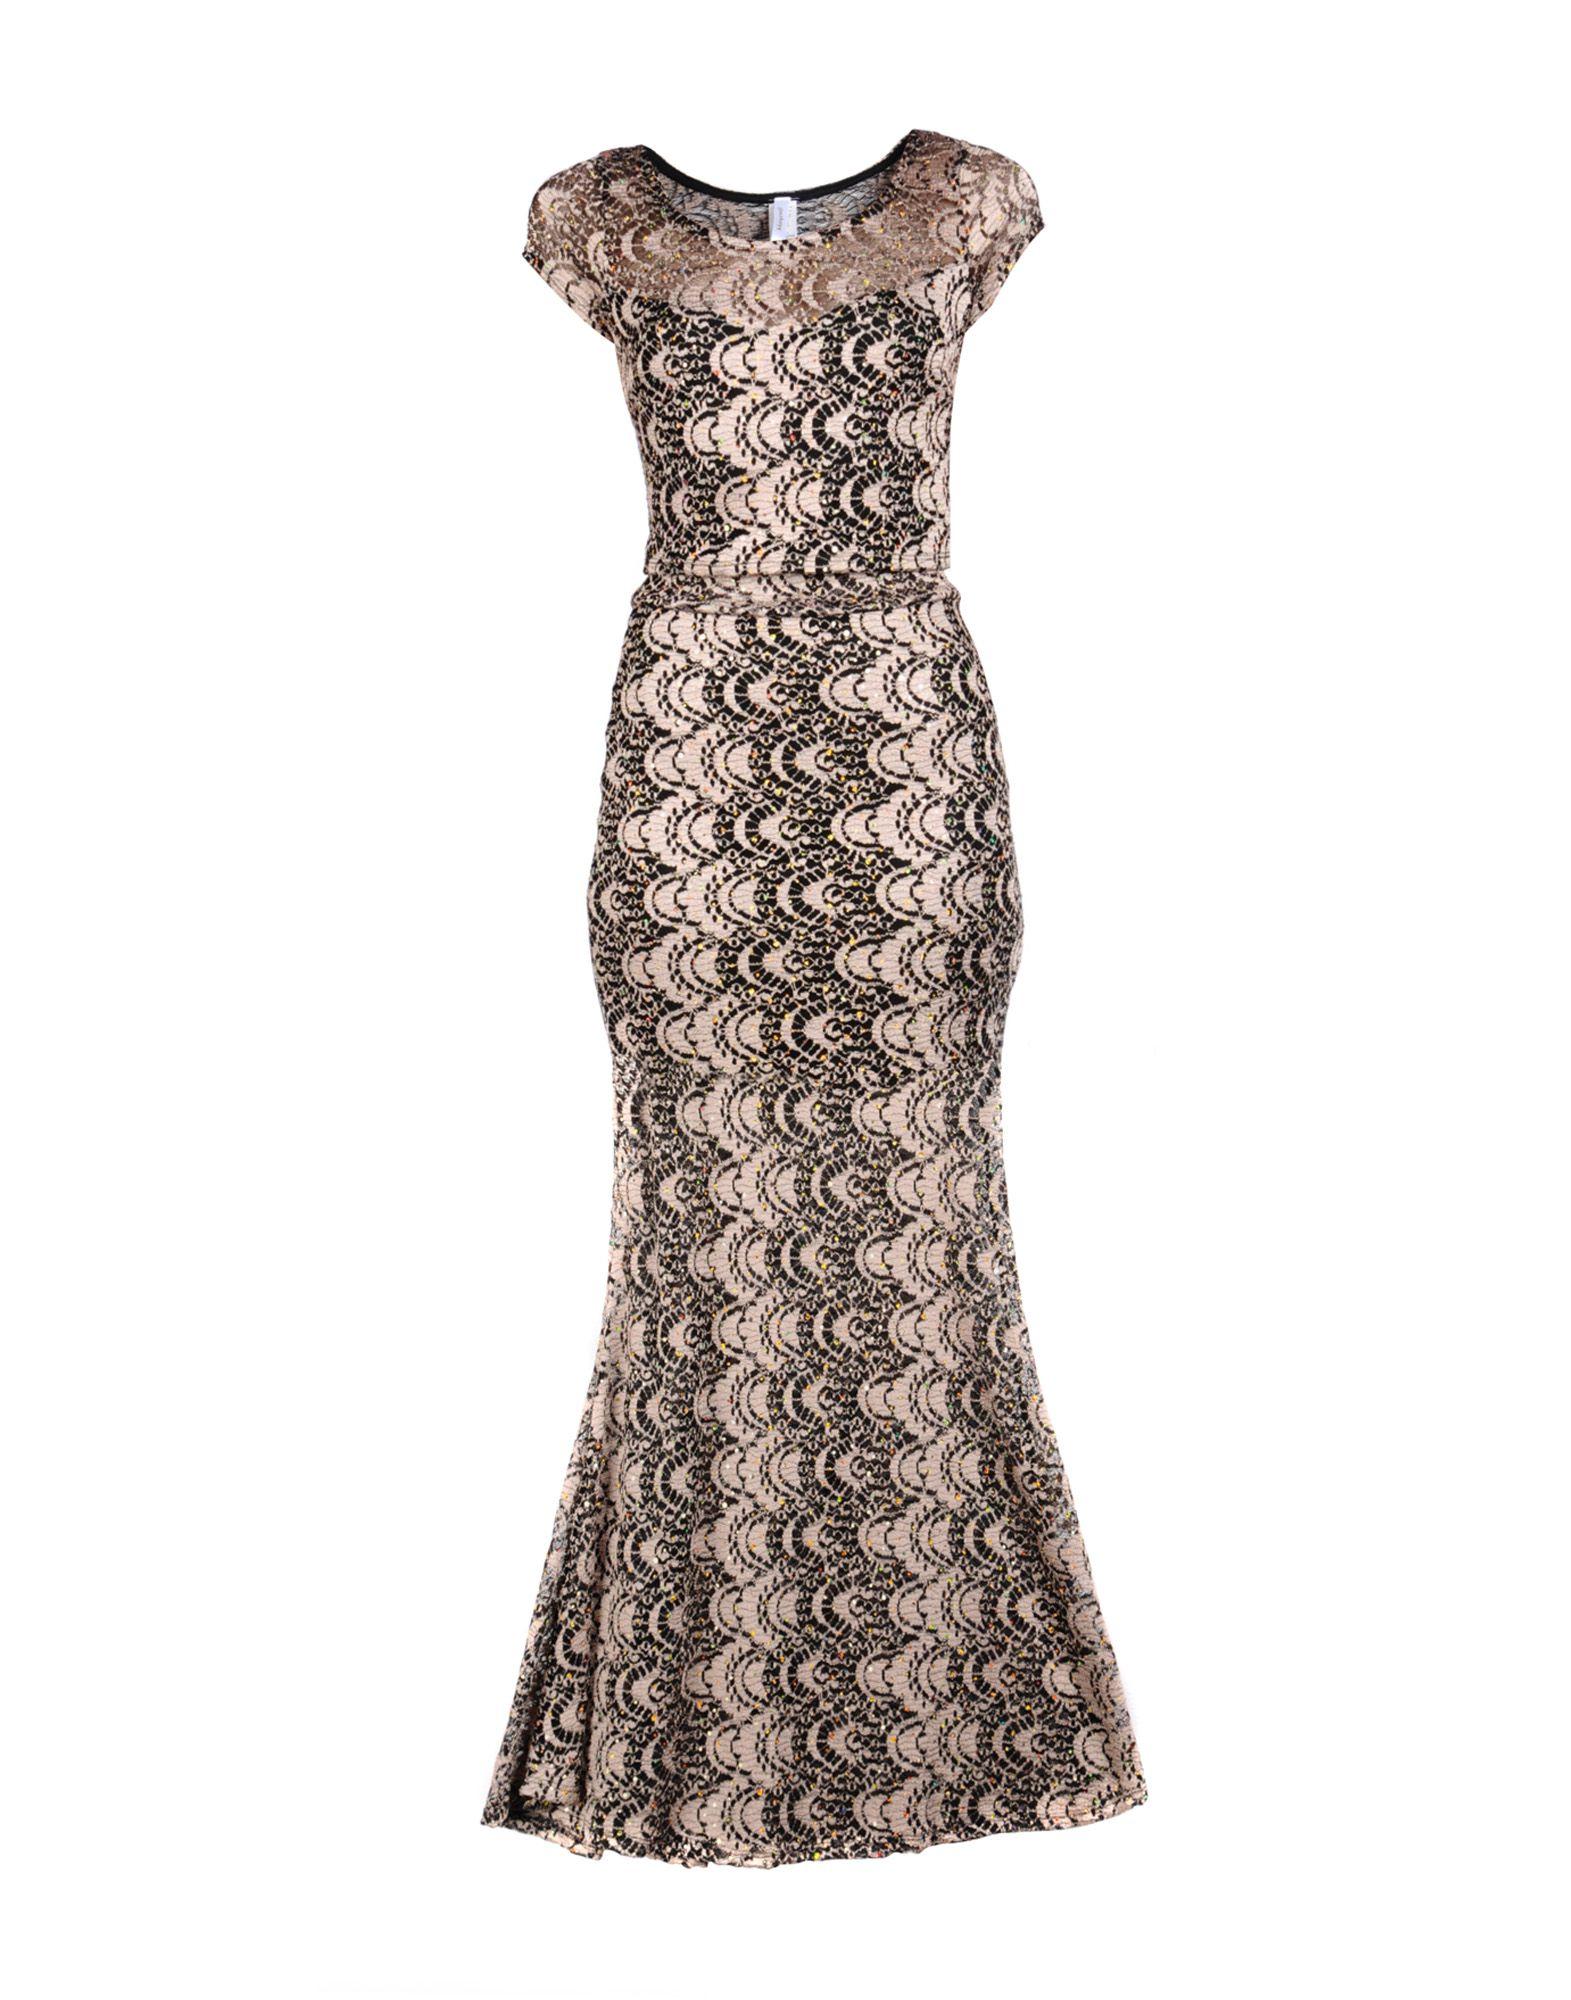 MAYENTL Платье длиной 3/4 lisa corti платье длиной 3 4